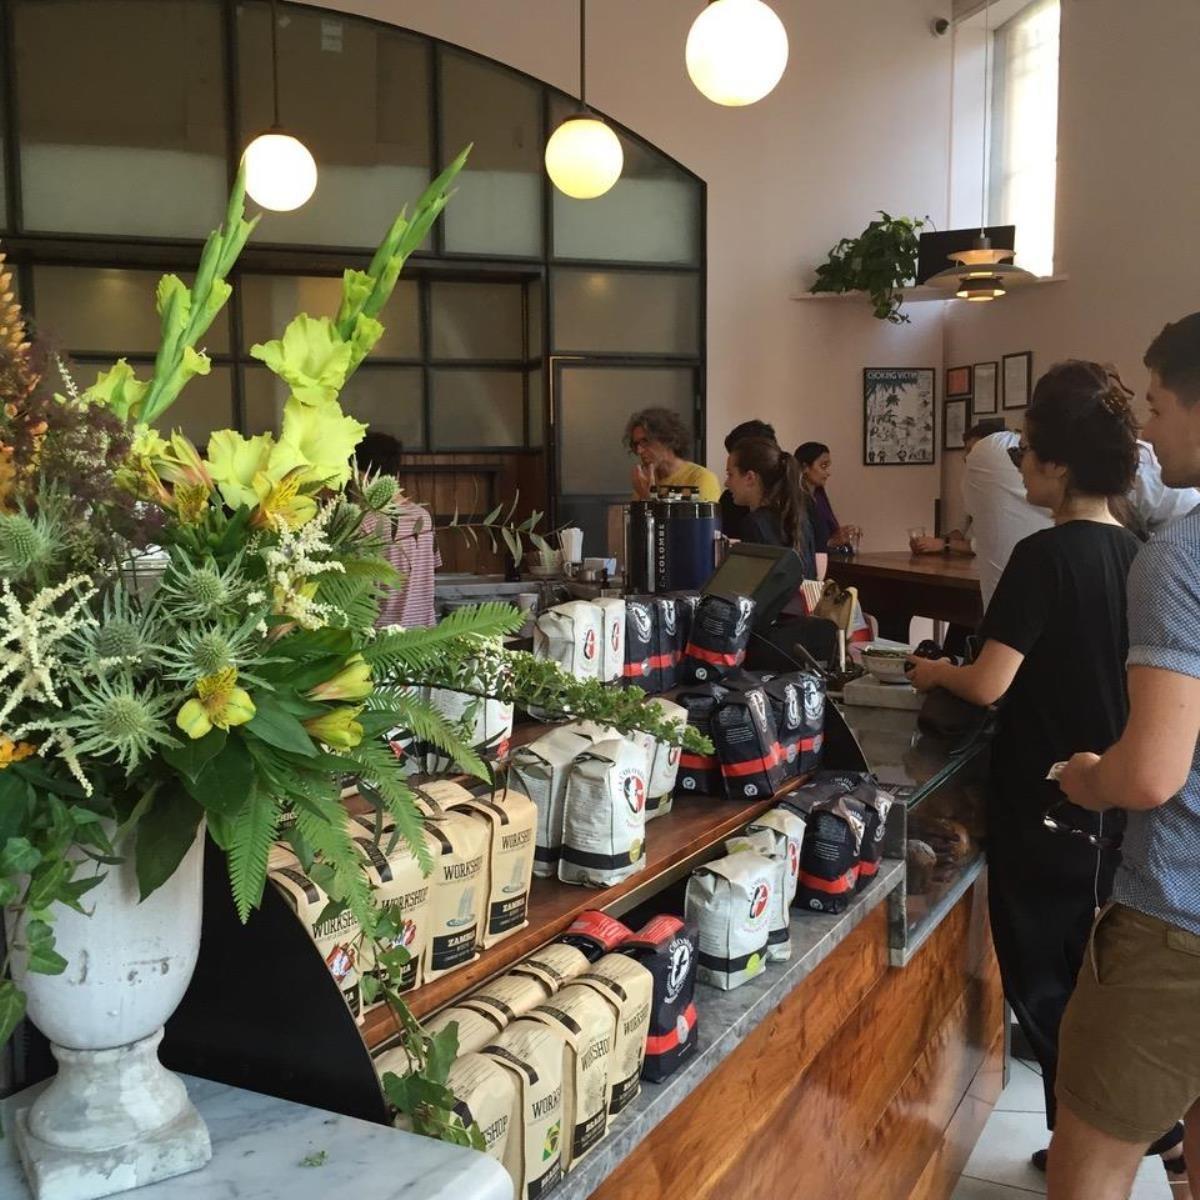 咖啡可以客制化喜好的La Colombe(Michi Liang提供)